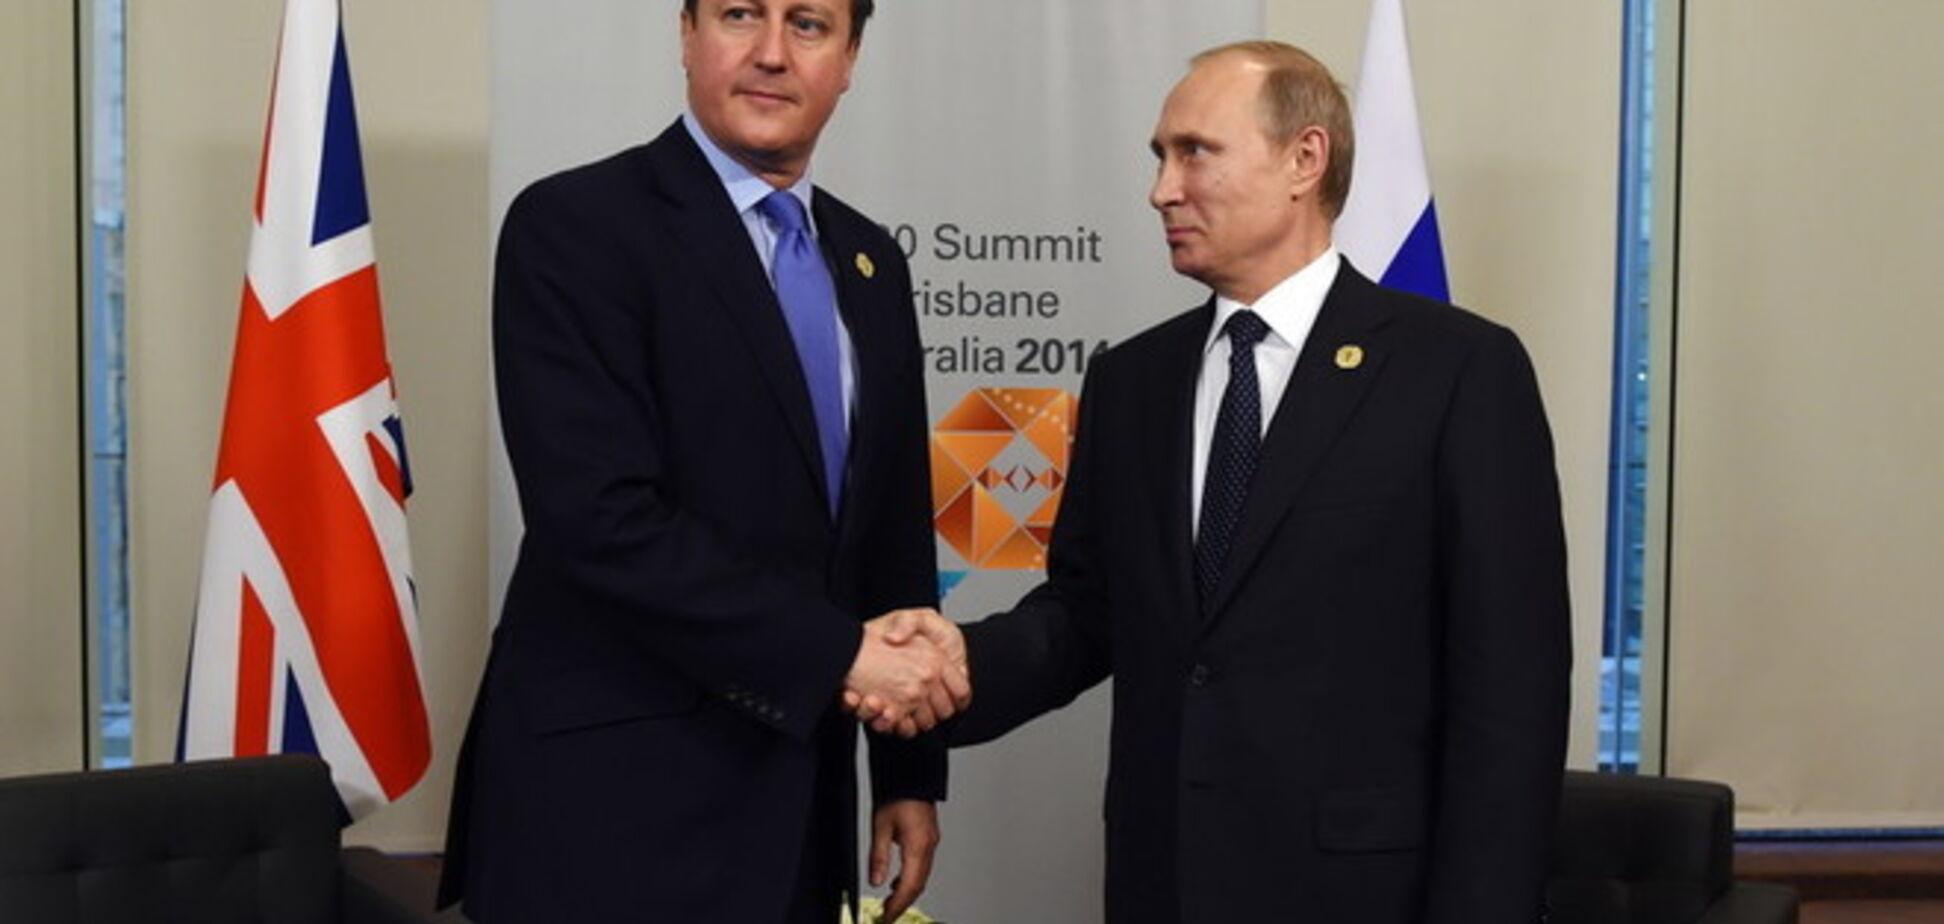 Кэмерон предупредил Россию о новых санкциях из-за Украины